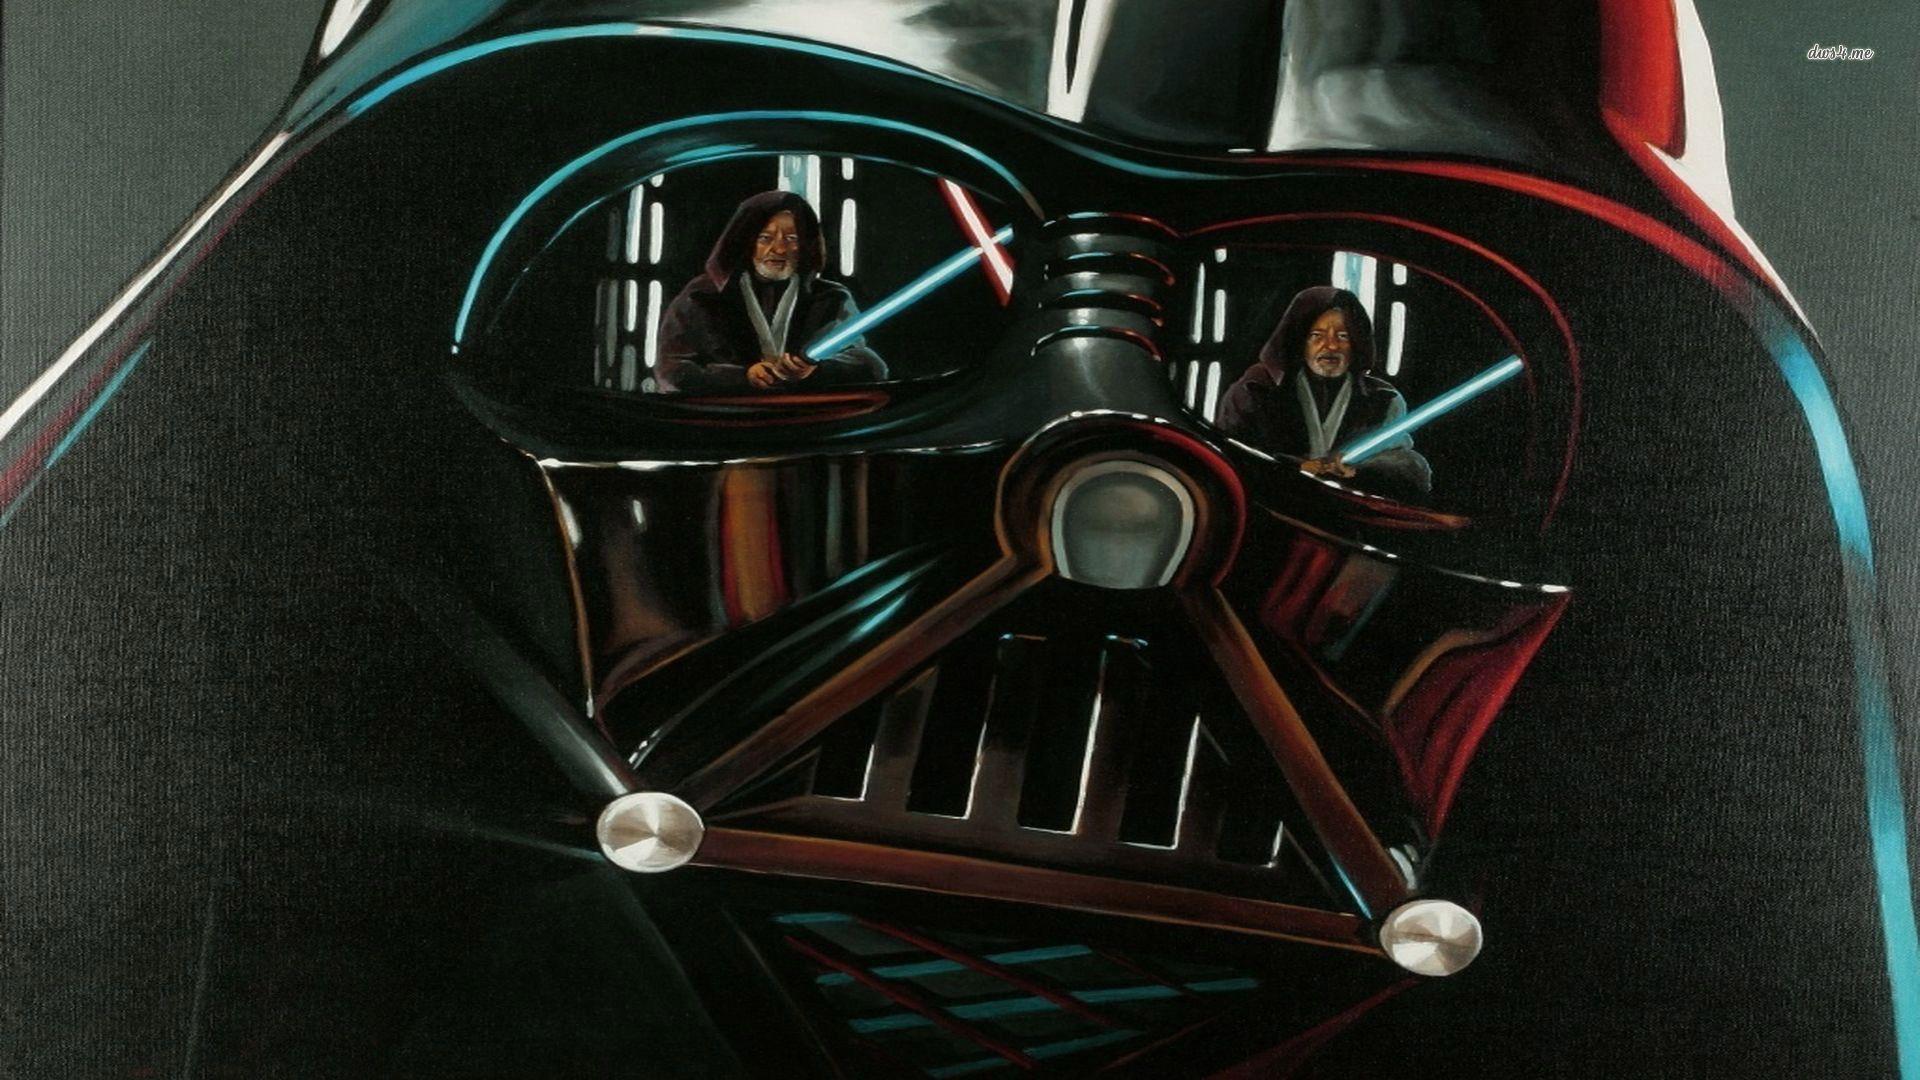 Star wars wallpaper · Darth Vader wallpaper